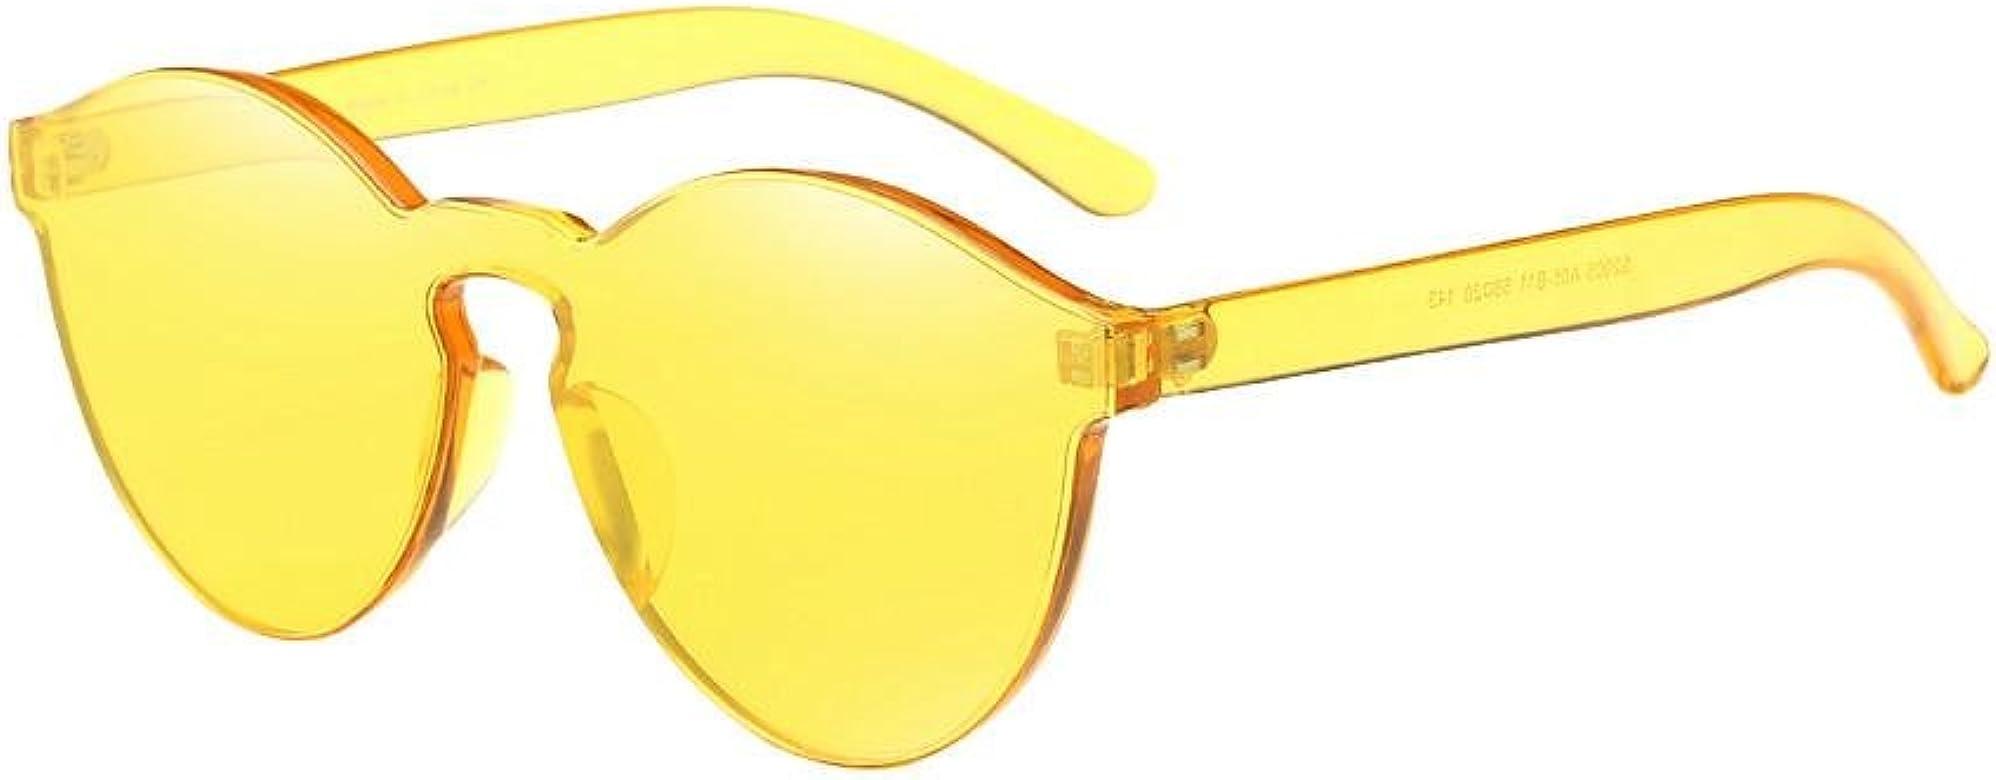 2018 Nuevo mujeres Gafas de Sol de ojo del gato,Gafas de sol de aviador Espejo Lente,Gafas de caramelo UV integrados para mujer,KanLin1986